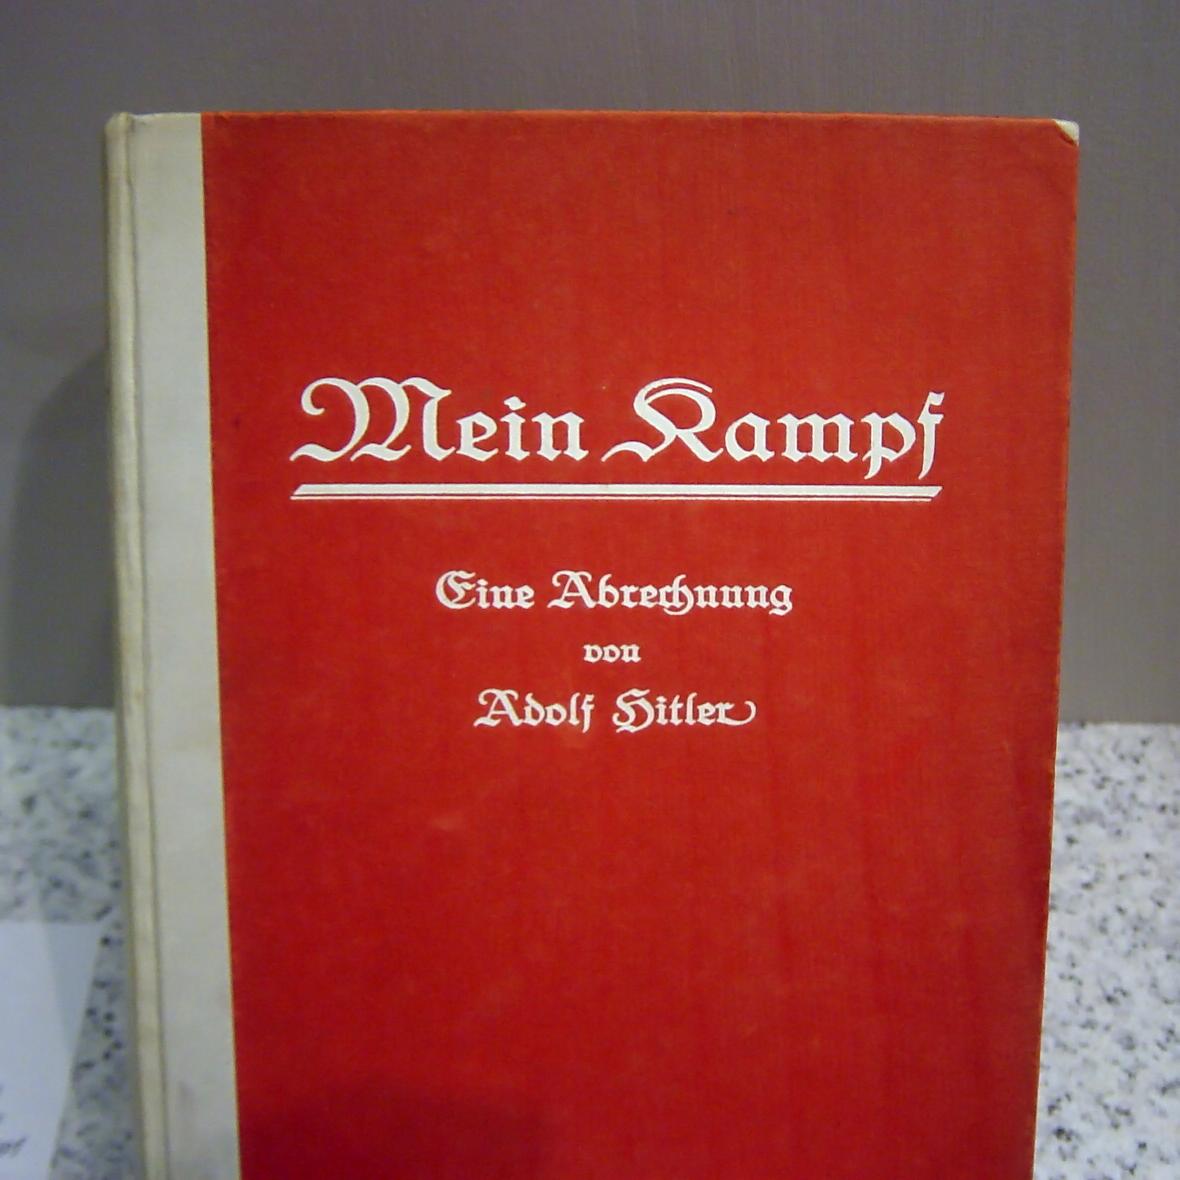 New Order Written Books Testament